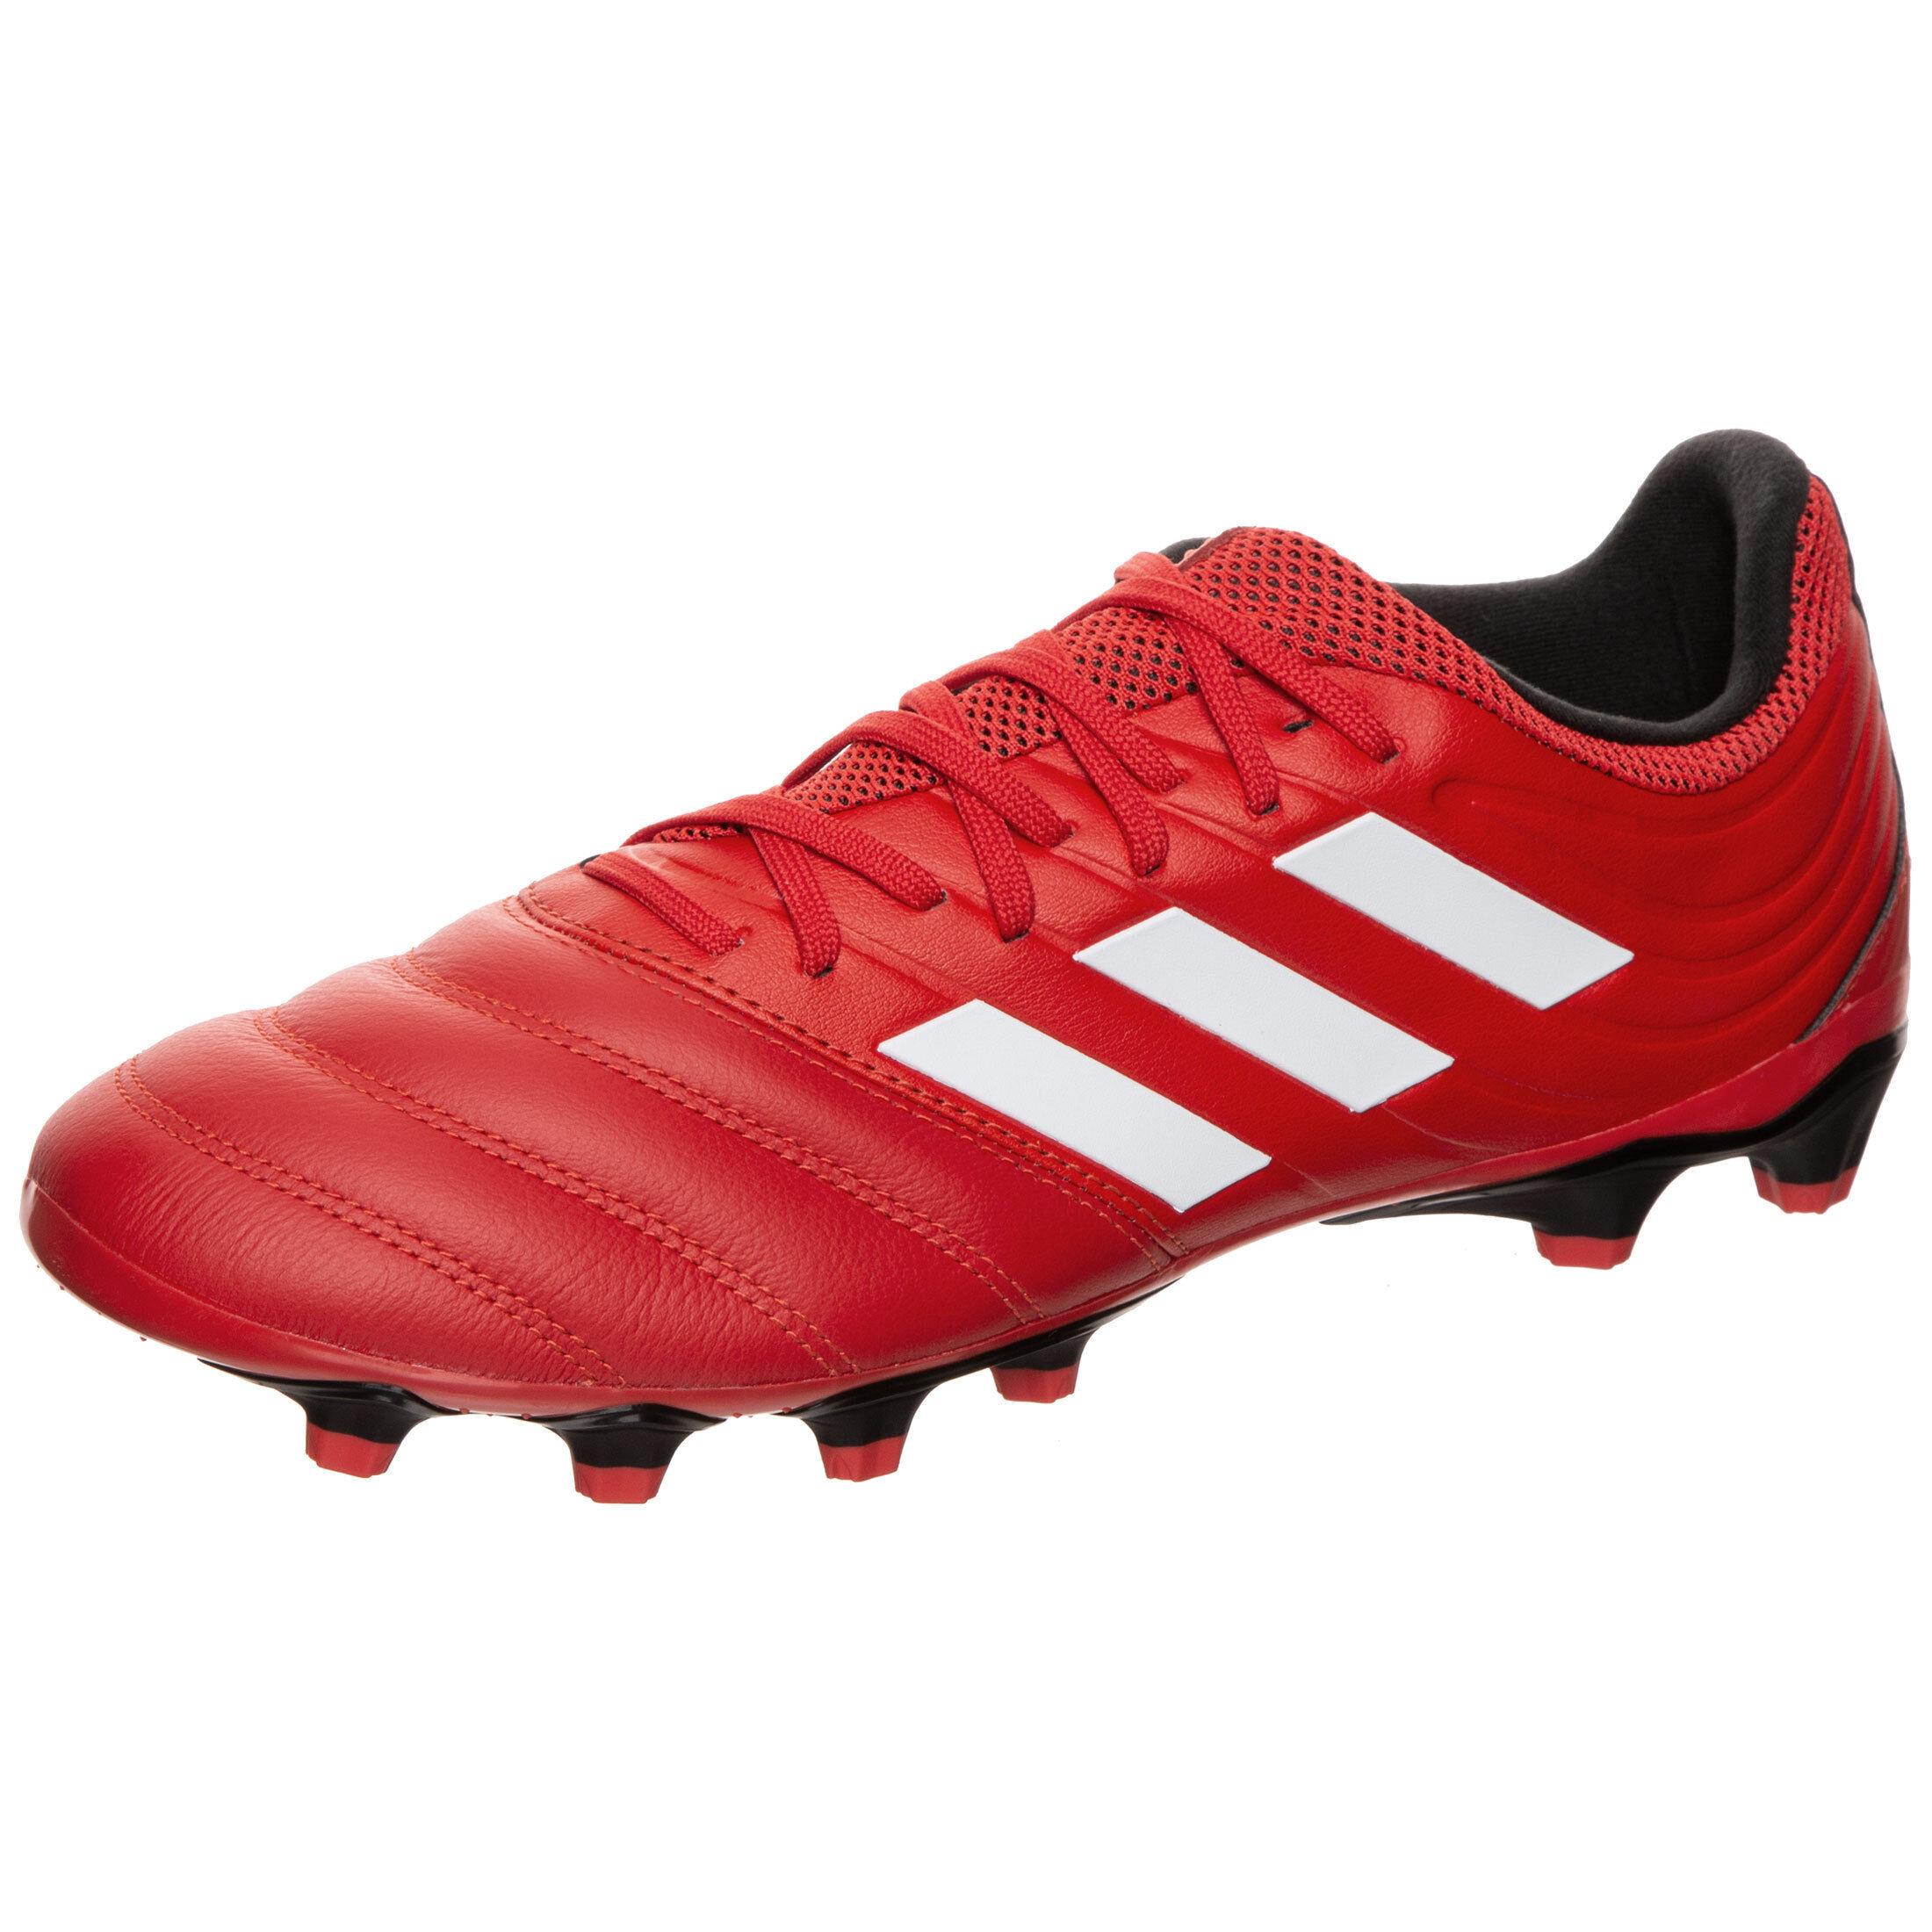 Adidas Copa Damen und Herrenfußballschuhe Reduziert Sale Schweiz